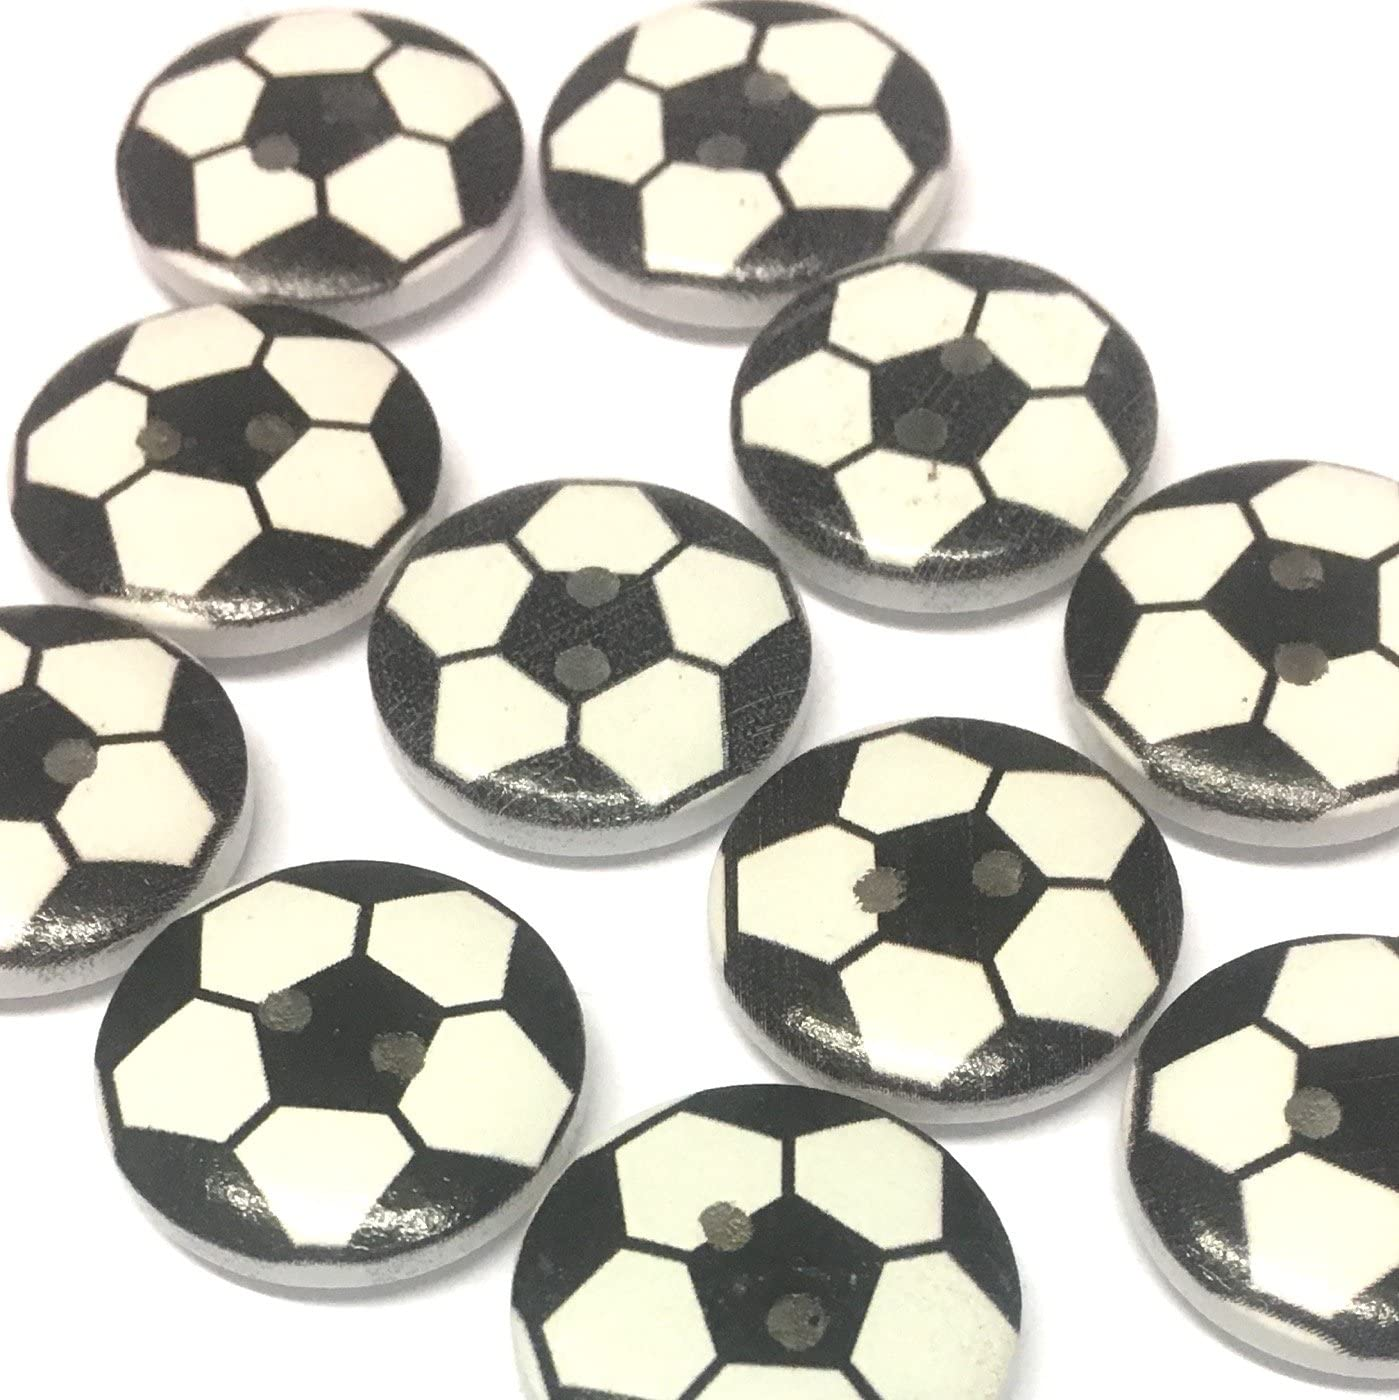 Botones de futbolín de madera blanco y negro de 10 x 20 mm: Amazon ...